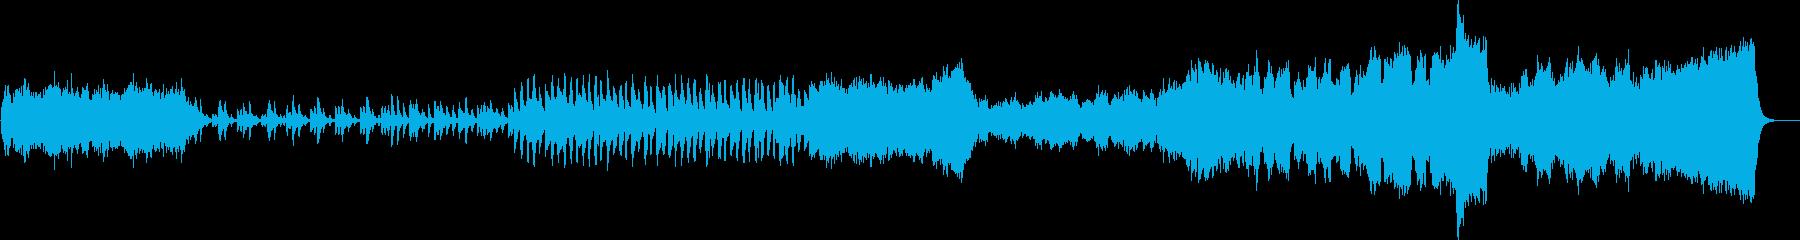 段々と音が積み重なっていく管弦楽曲の再生済みの波形